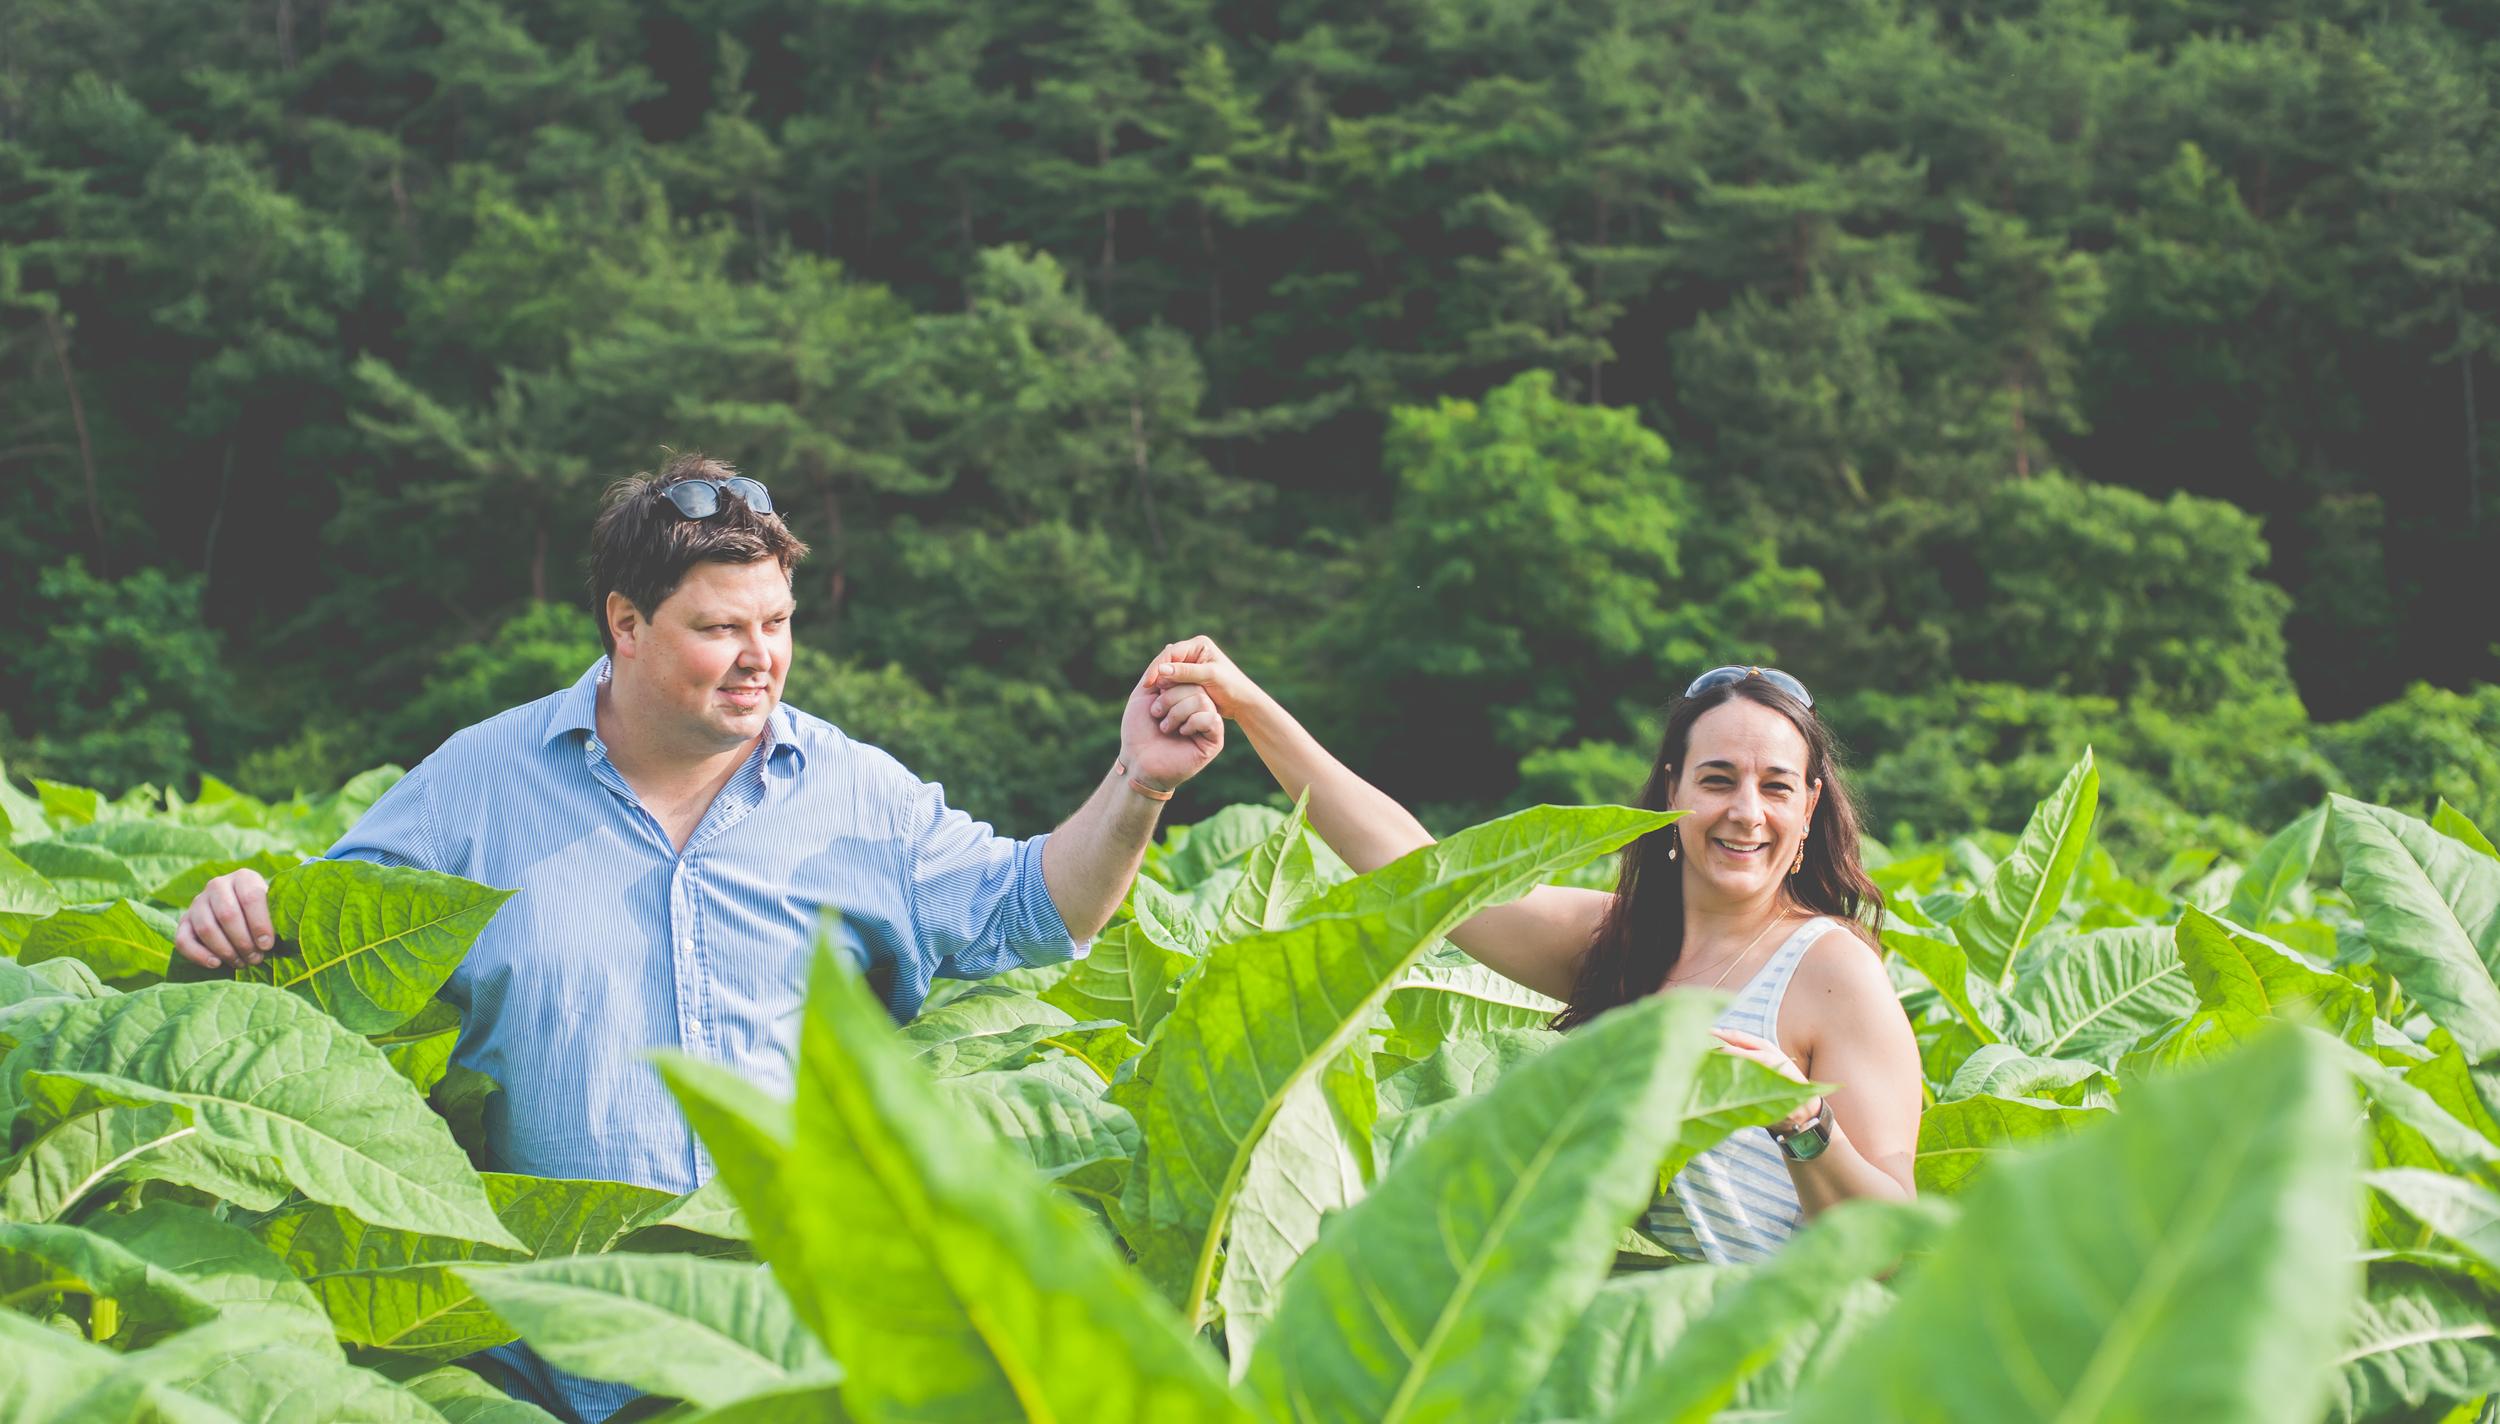 SouthKoreaEngagementPhotographerHencoMarilize (58 of 93).jpg